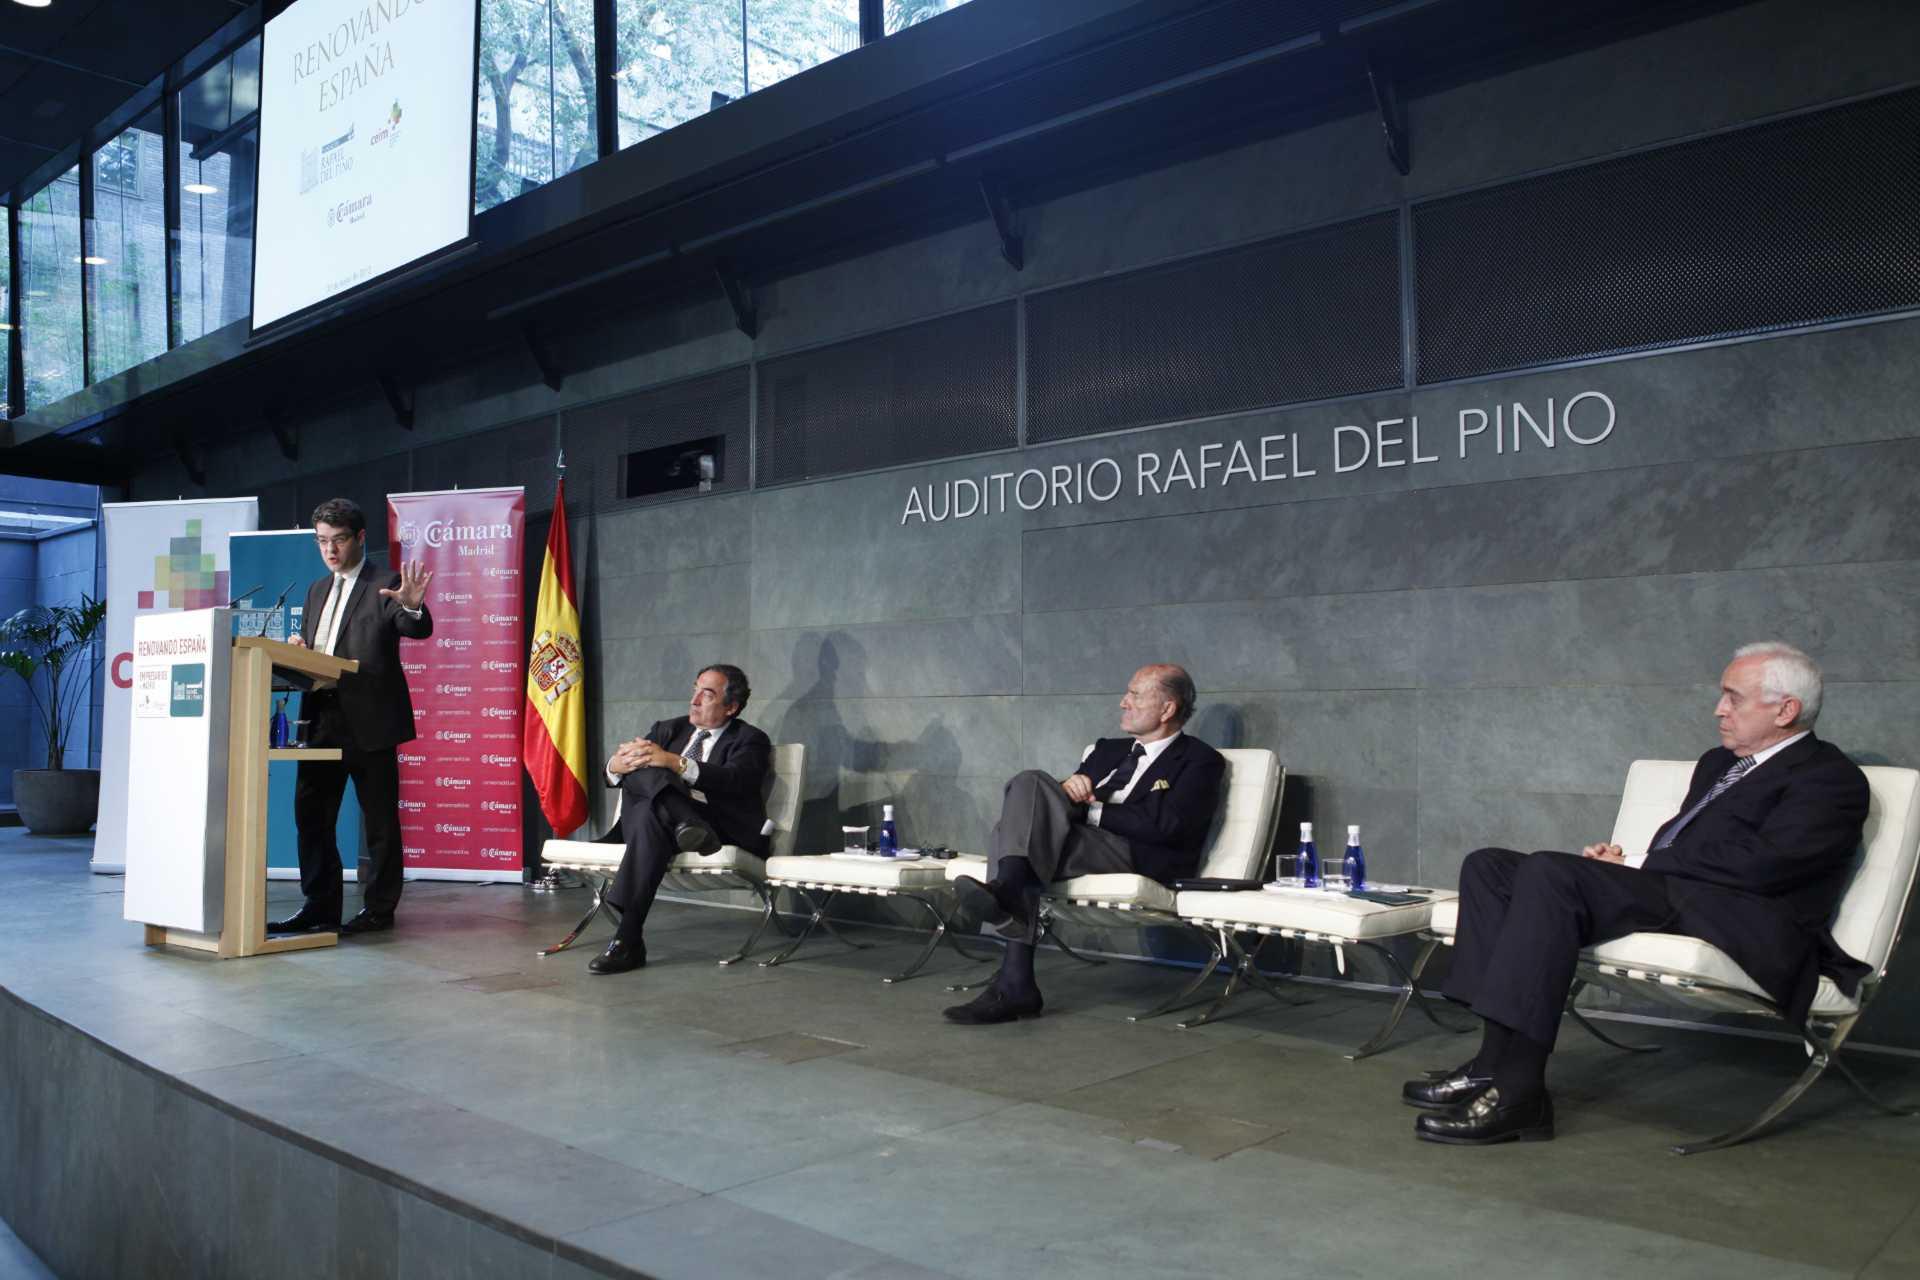 Renovando España